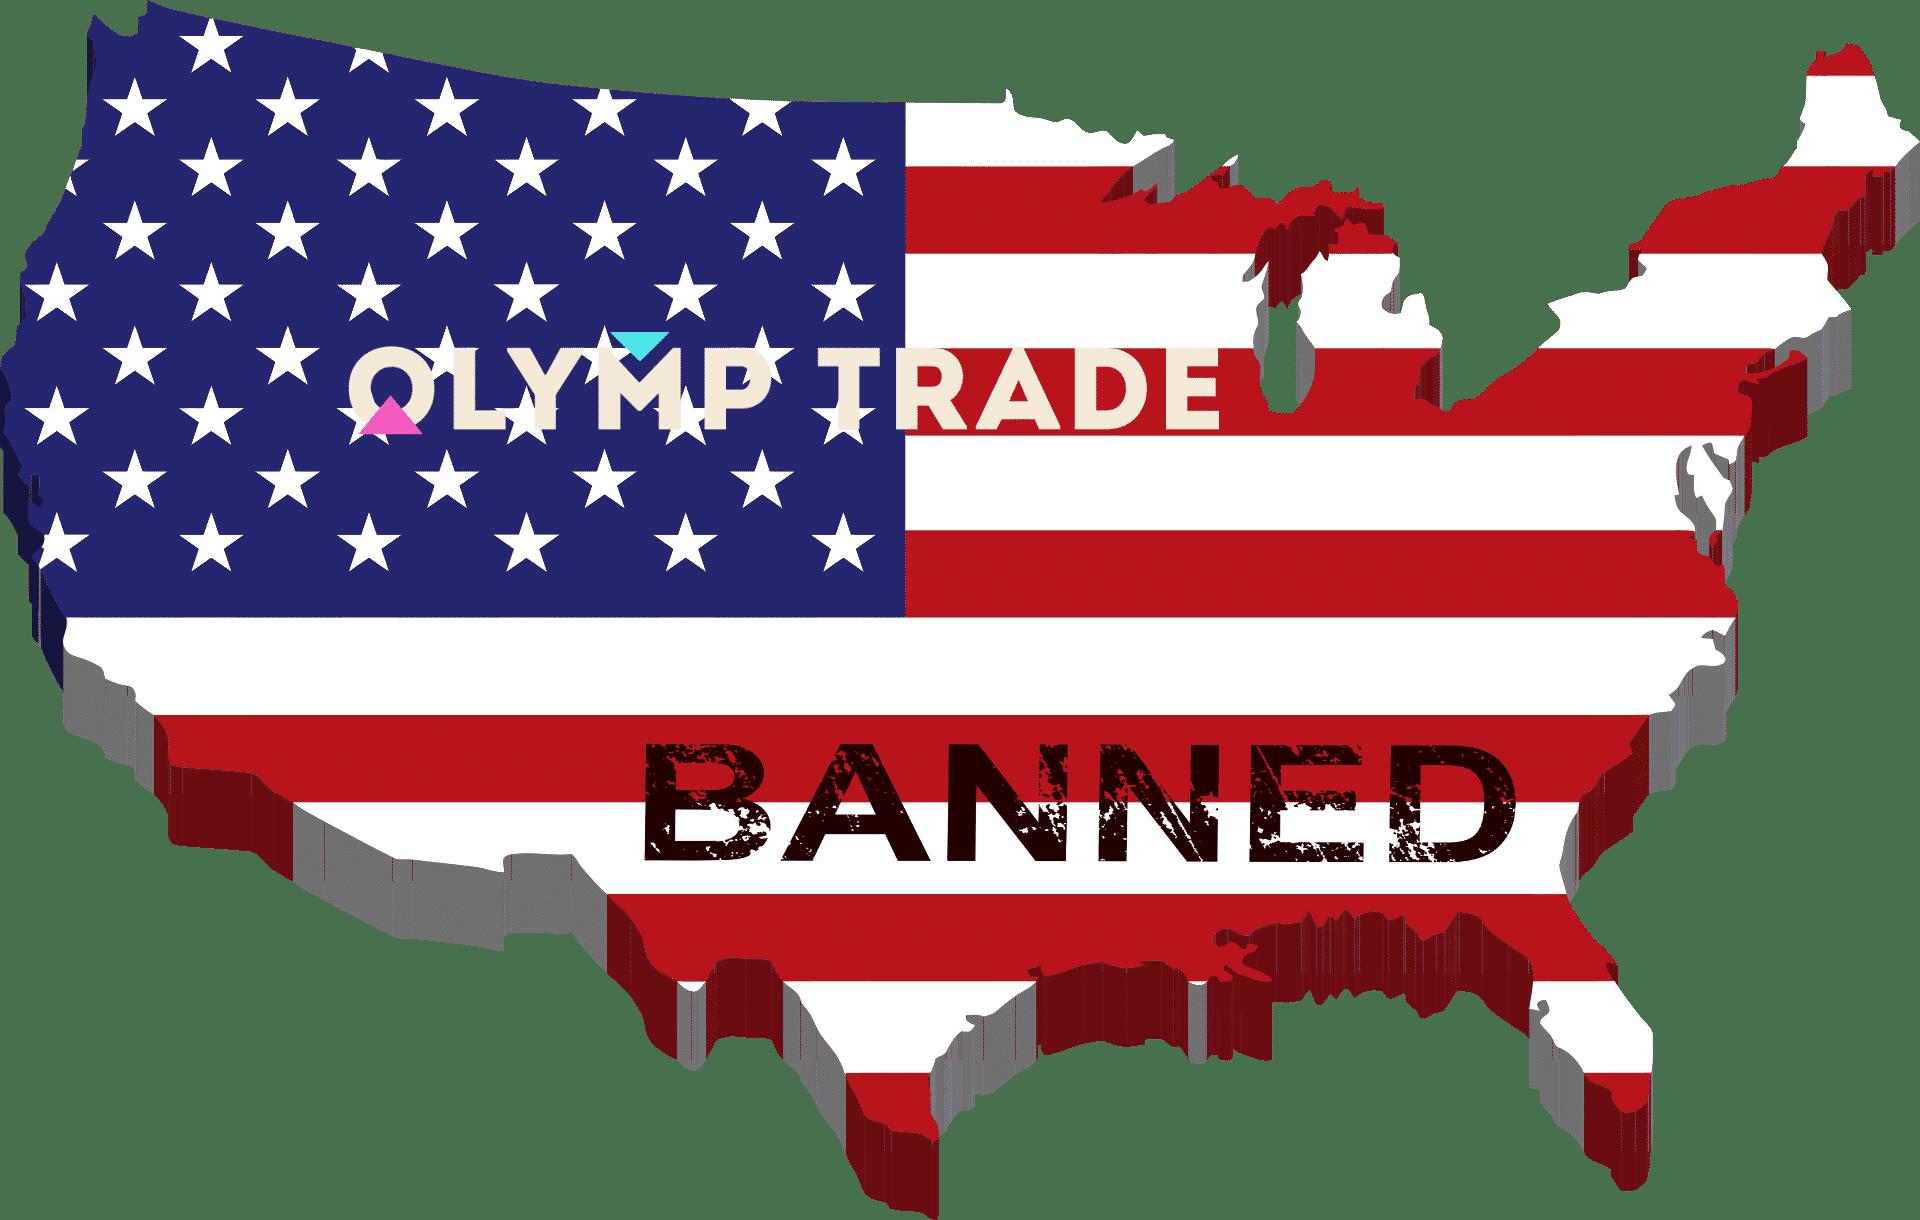 تم حظر Olymp Trade في الولايات المتحدة الأمريكية